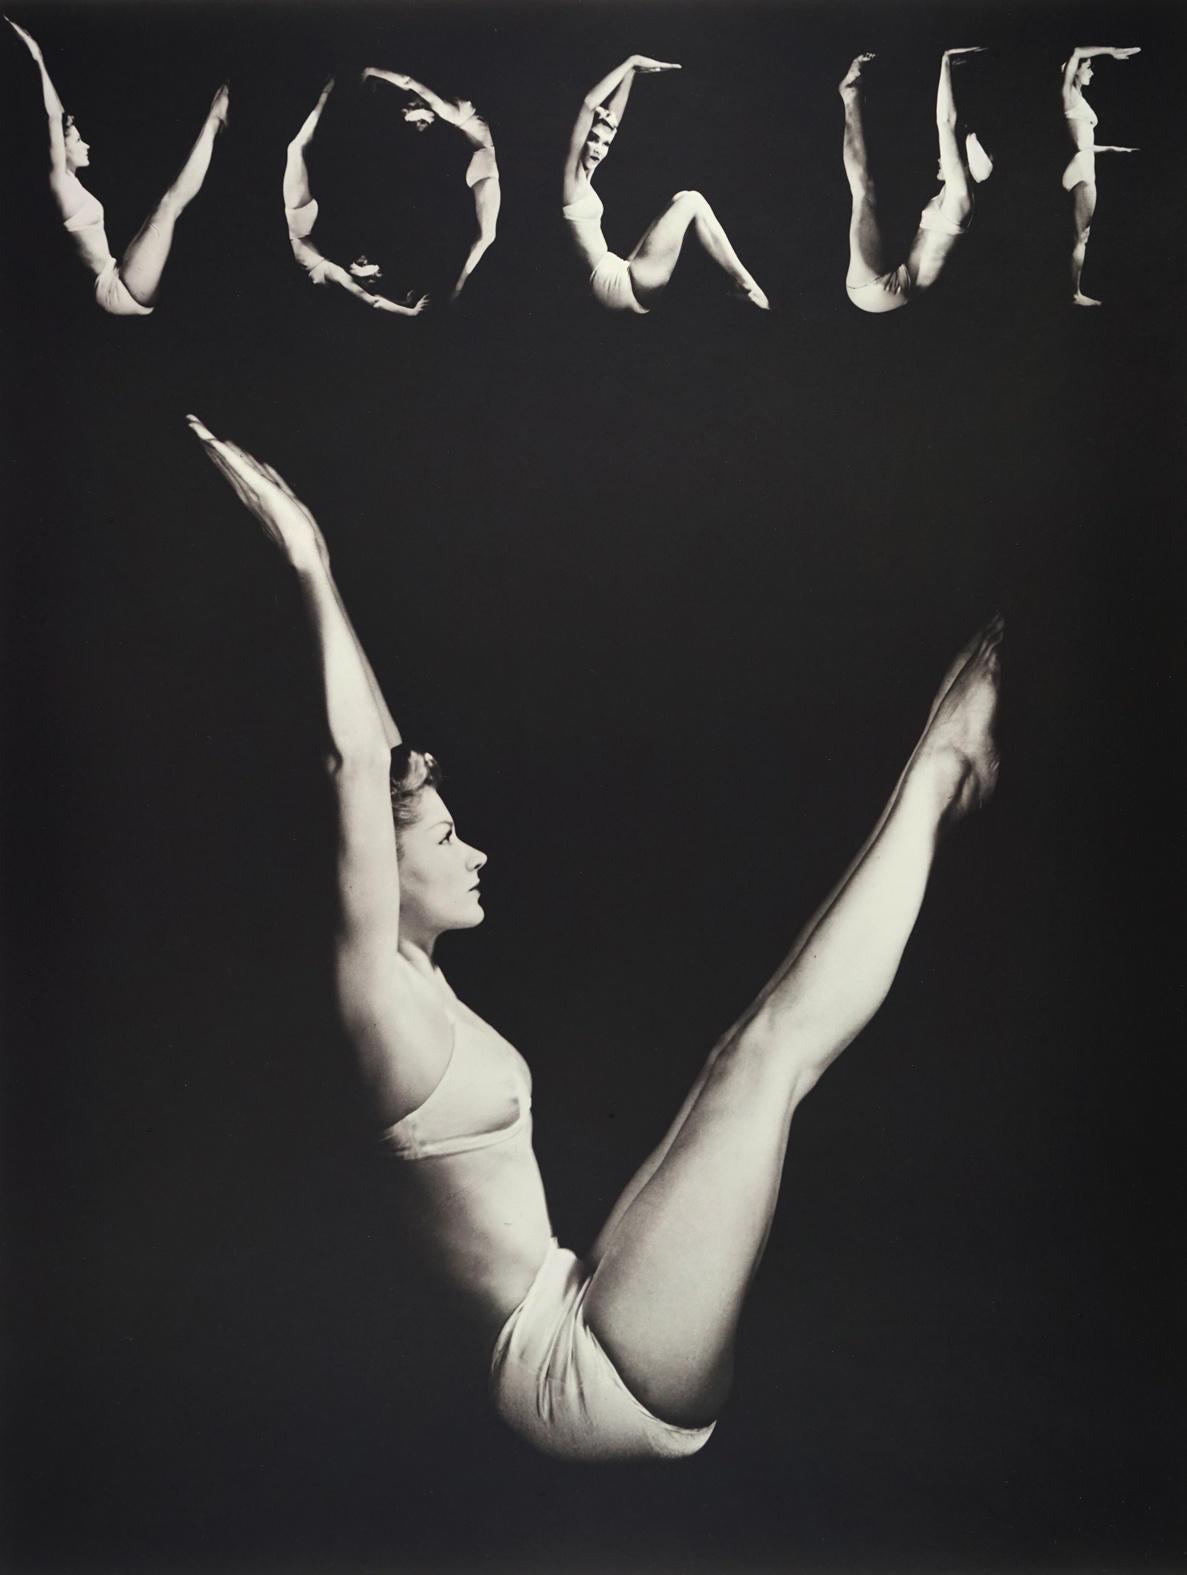 V.O.G.U.E. (Lisa Fonssagrives-Penn), New York